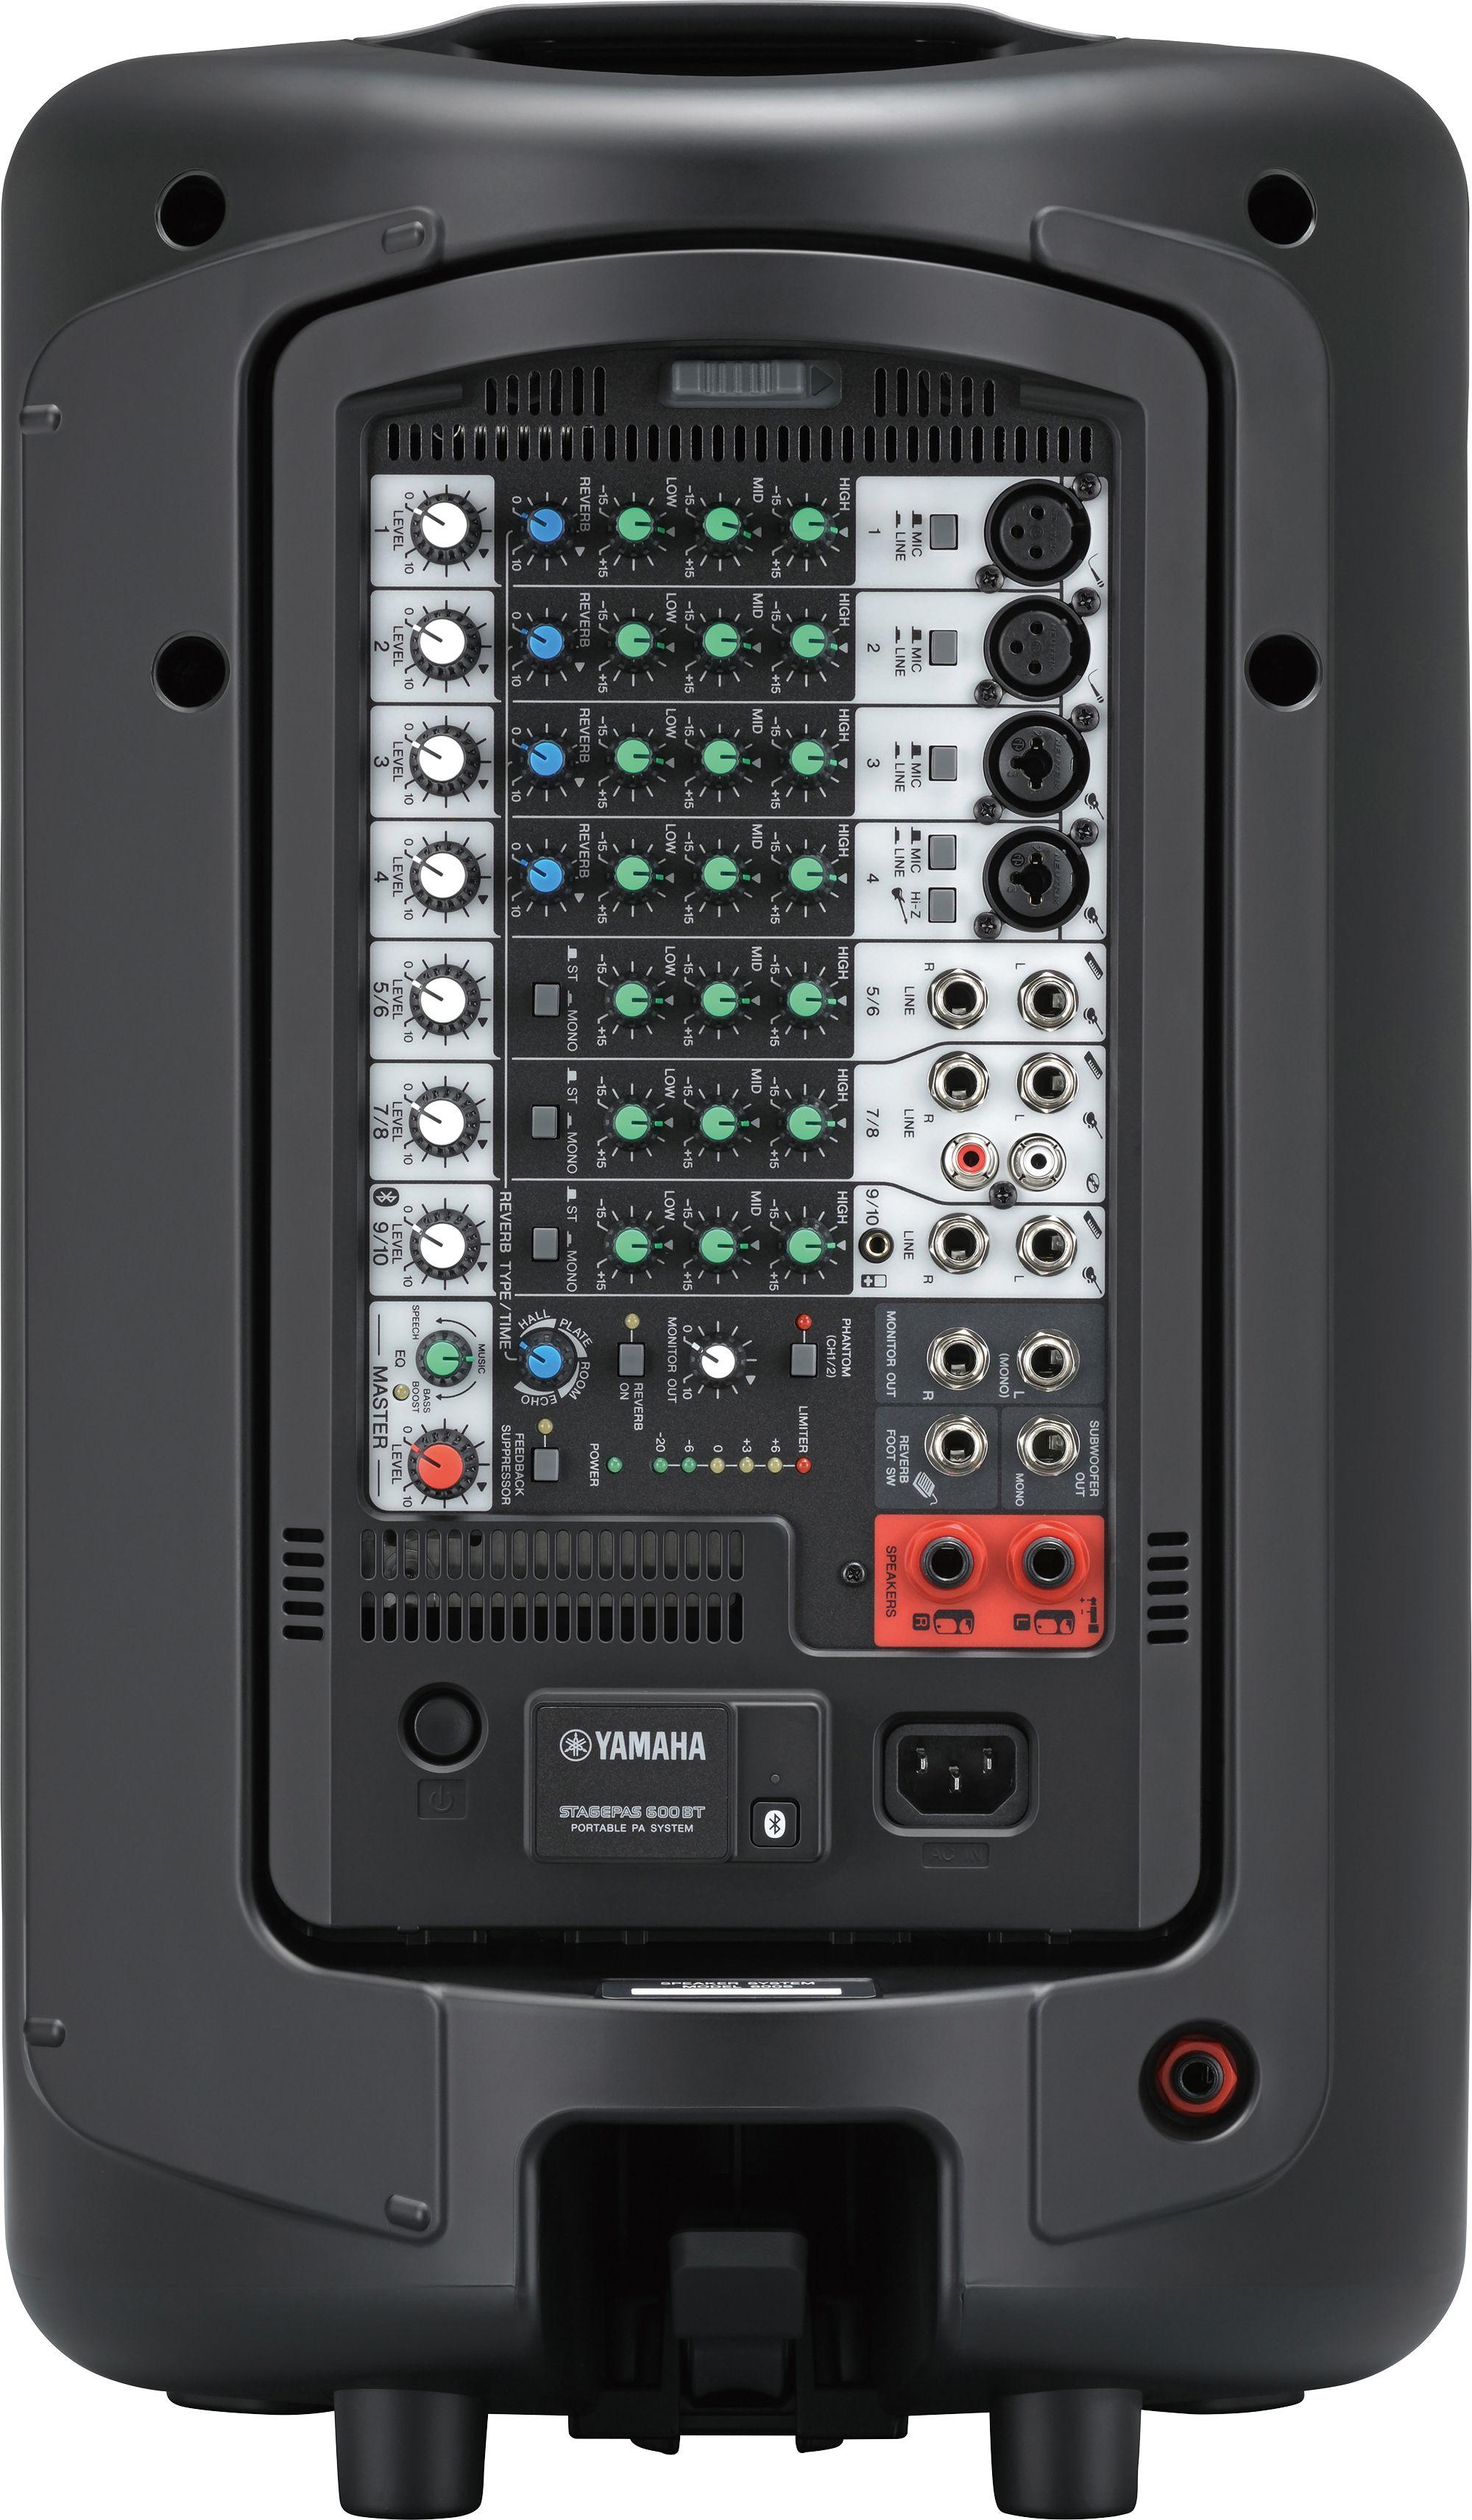 stagepas600bt-back-mixer-2000x3424-7b1b1a053052130f331560a99a253383.jpg